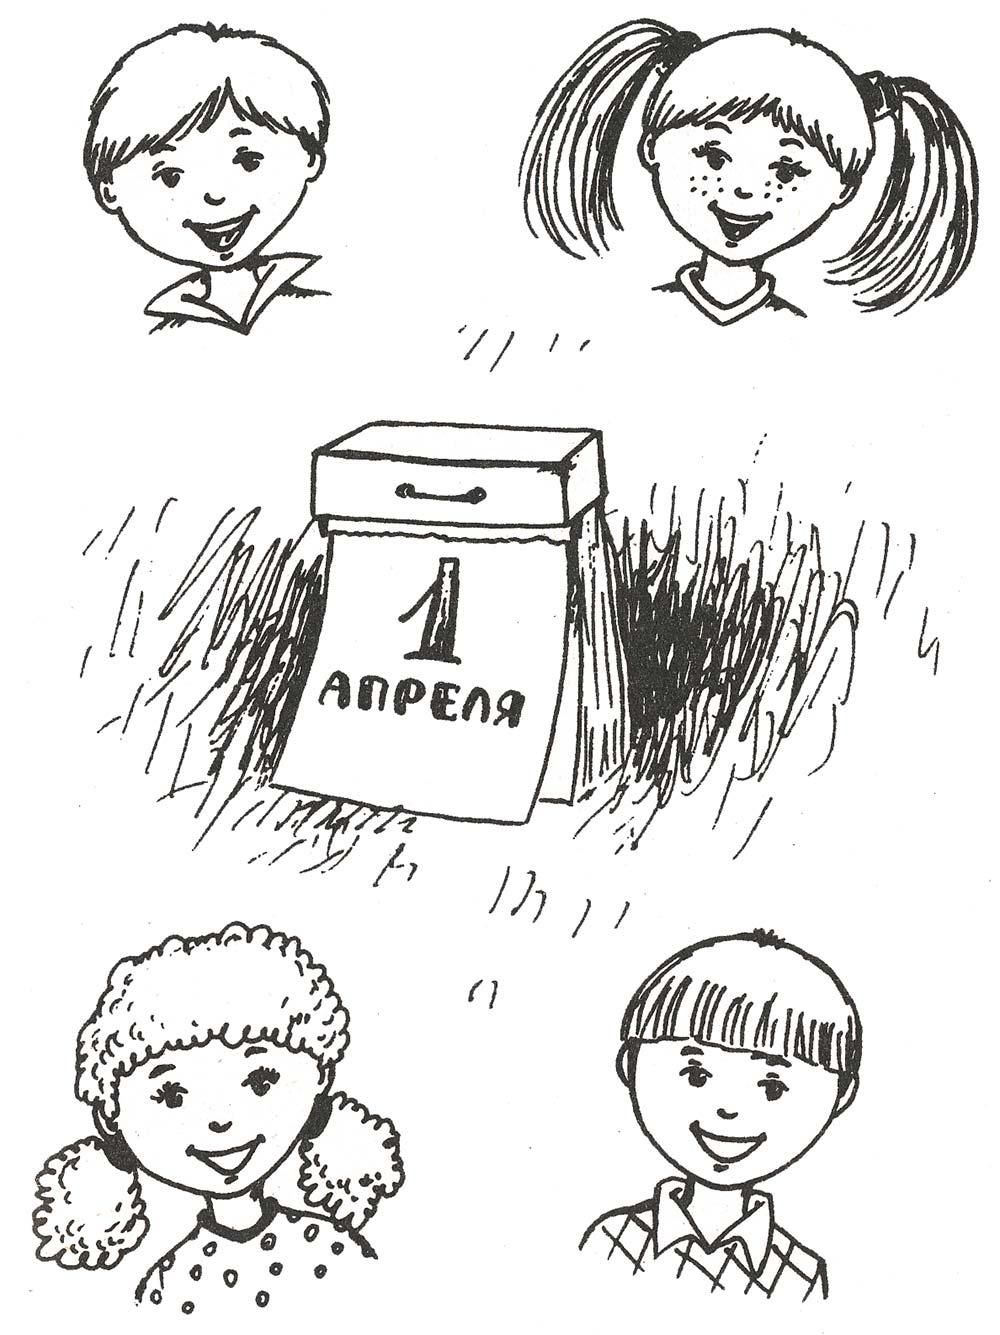 Раскраски для детей с днём смеха. Праздничные раскраски для детей с 1 апреля.  Скачать бесплатные раскраски для детей. Раскраски детские онлайн бесплатно. Раскраски для детей с днём смеха. Праздничные раскраски для детей с 1 апреля. Раскраски онлайн.